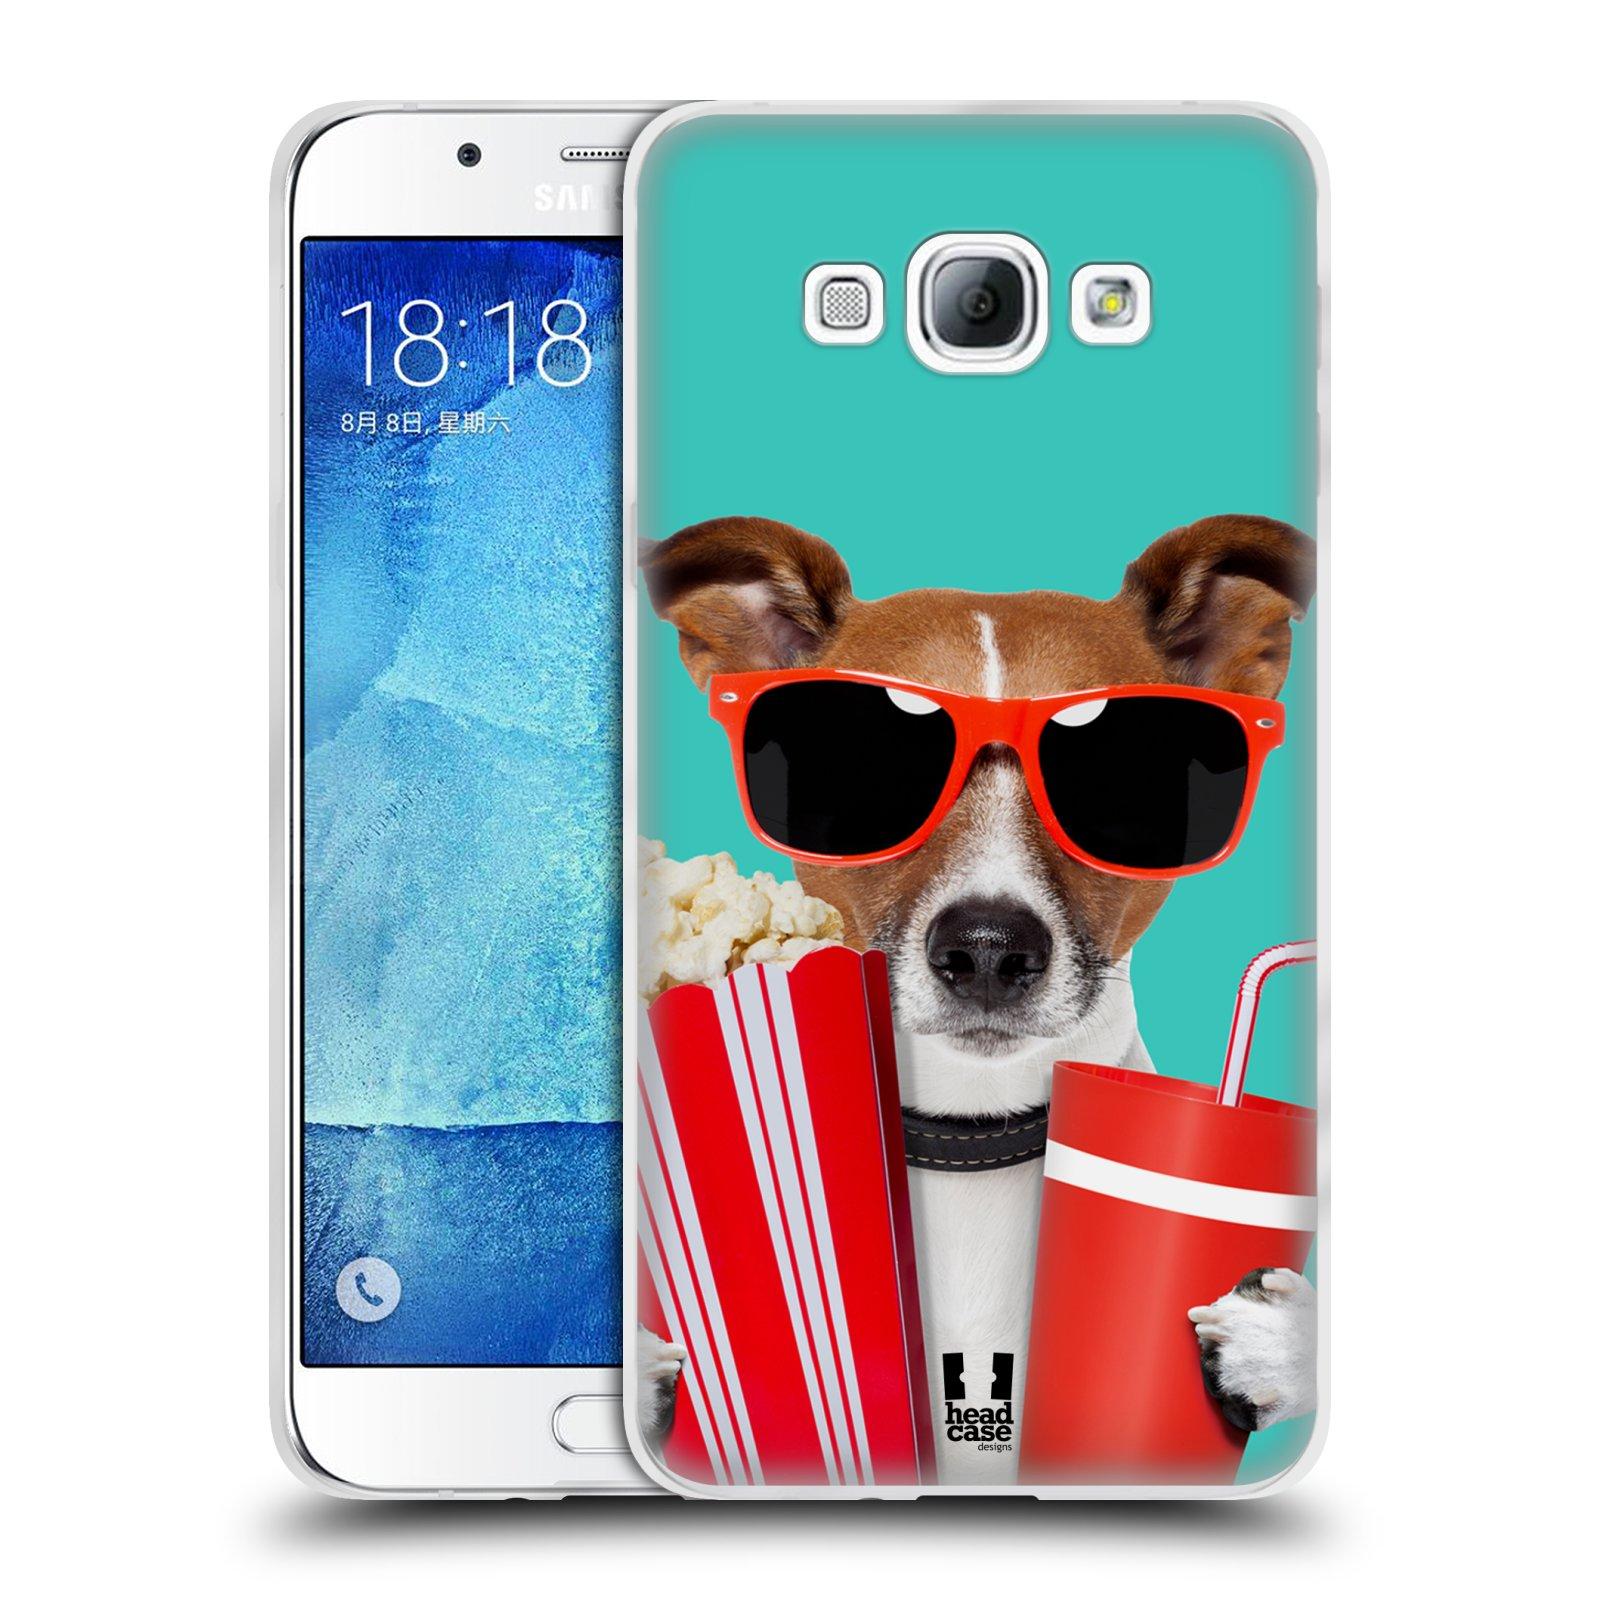 HEAD CASE silikonový obal na mobil Samsung Galaxy A8 vzor Legrační zvířátka pejsek v kině s popkornem